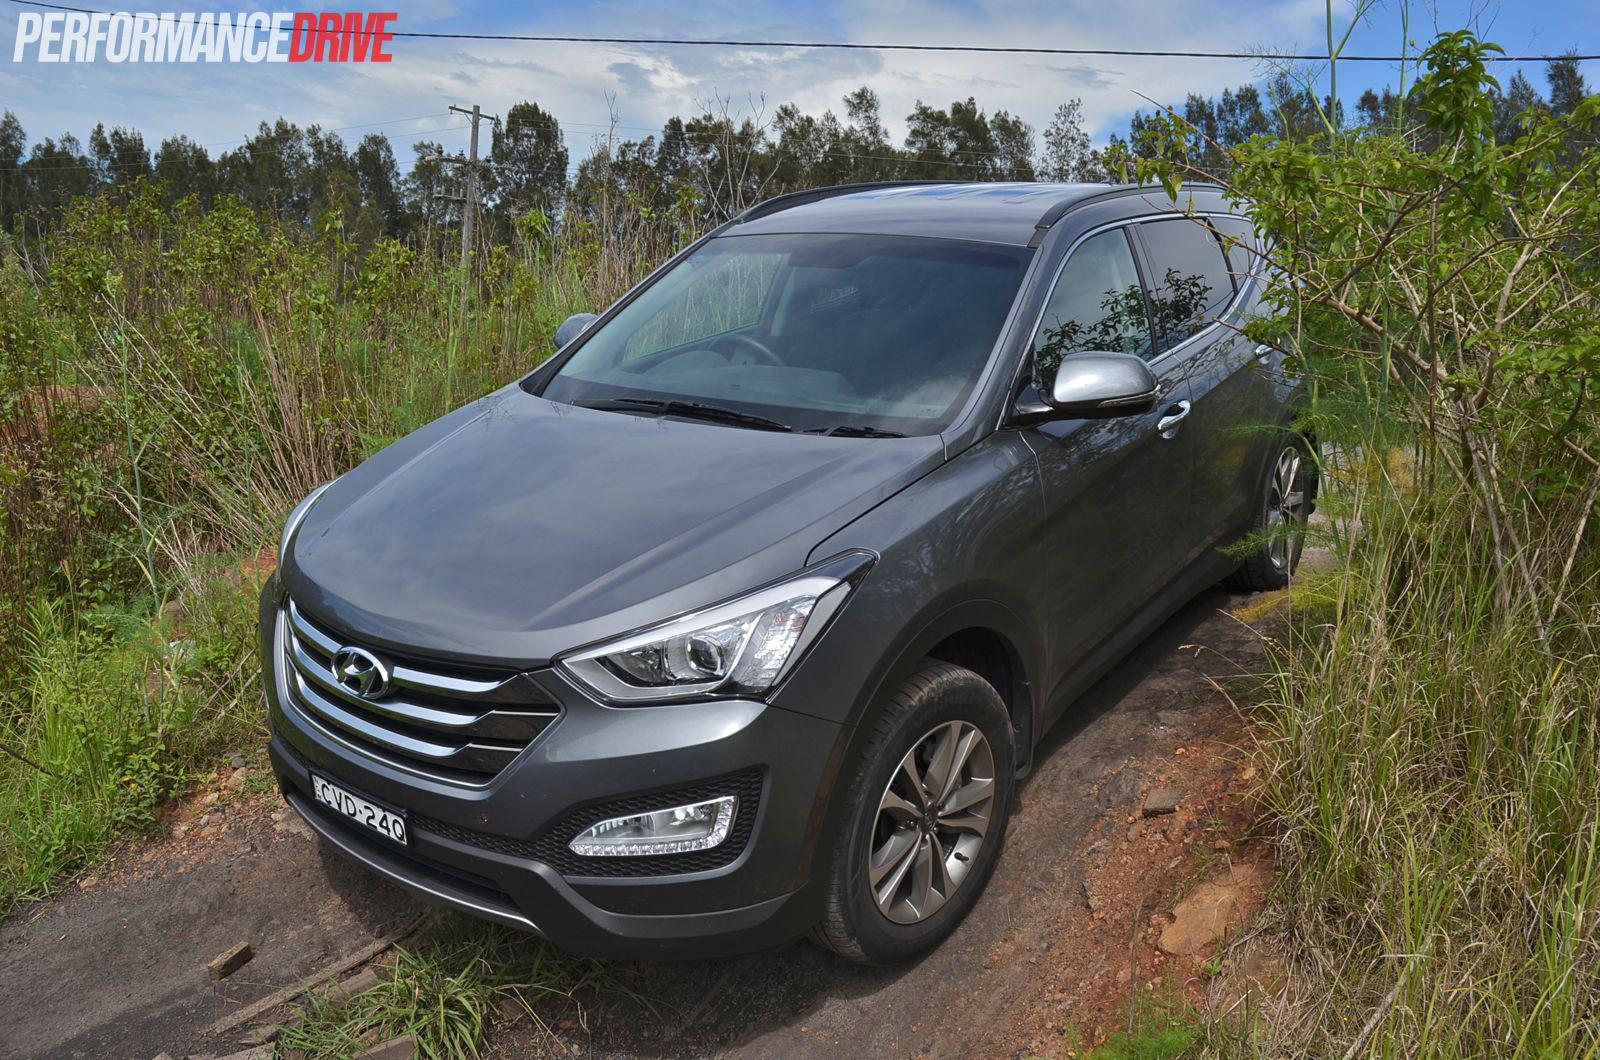 2015 Hyundai Santa Fe Elite Review Video Performancedrive